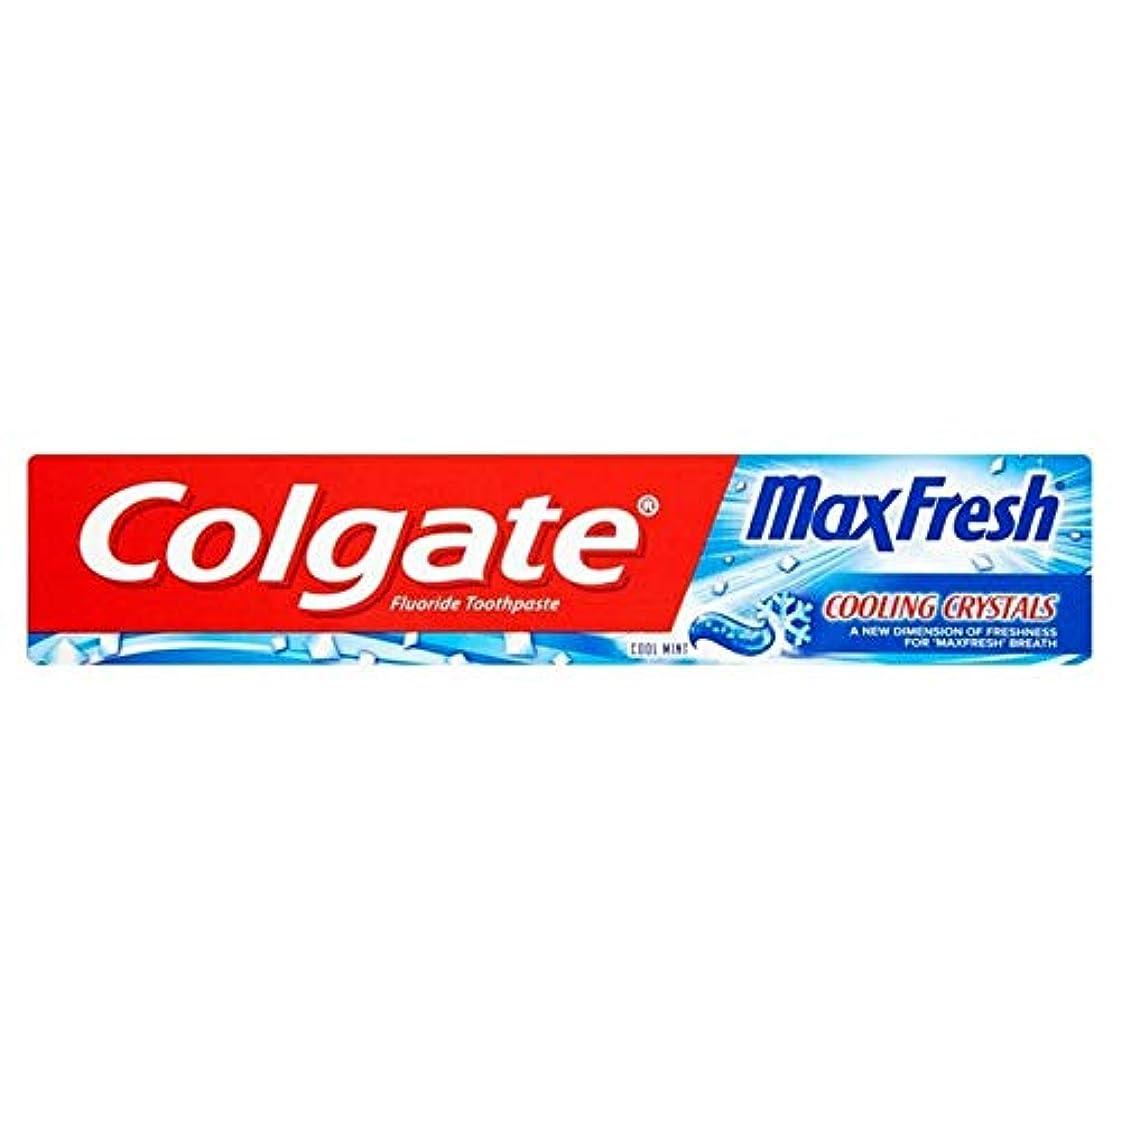 青写真ガイダンス請う[Colgate ] 冷却結晶歯磨き粉75ミリリットル新鮮なコルゲートマックス - Colgate Max Fresh with Cooling Crystals Toothpaste 75ml [並行輸入品]